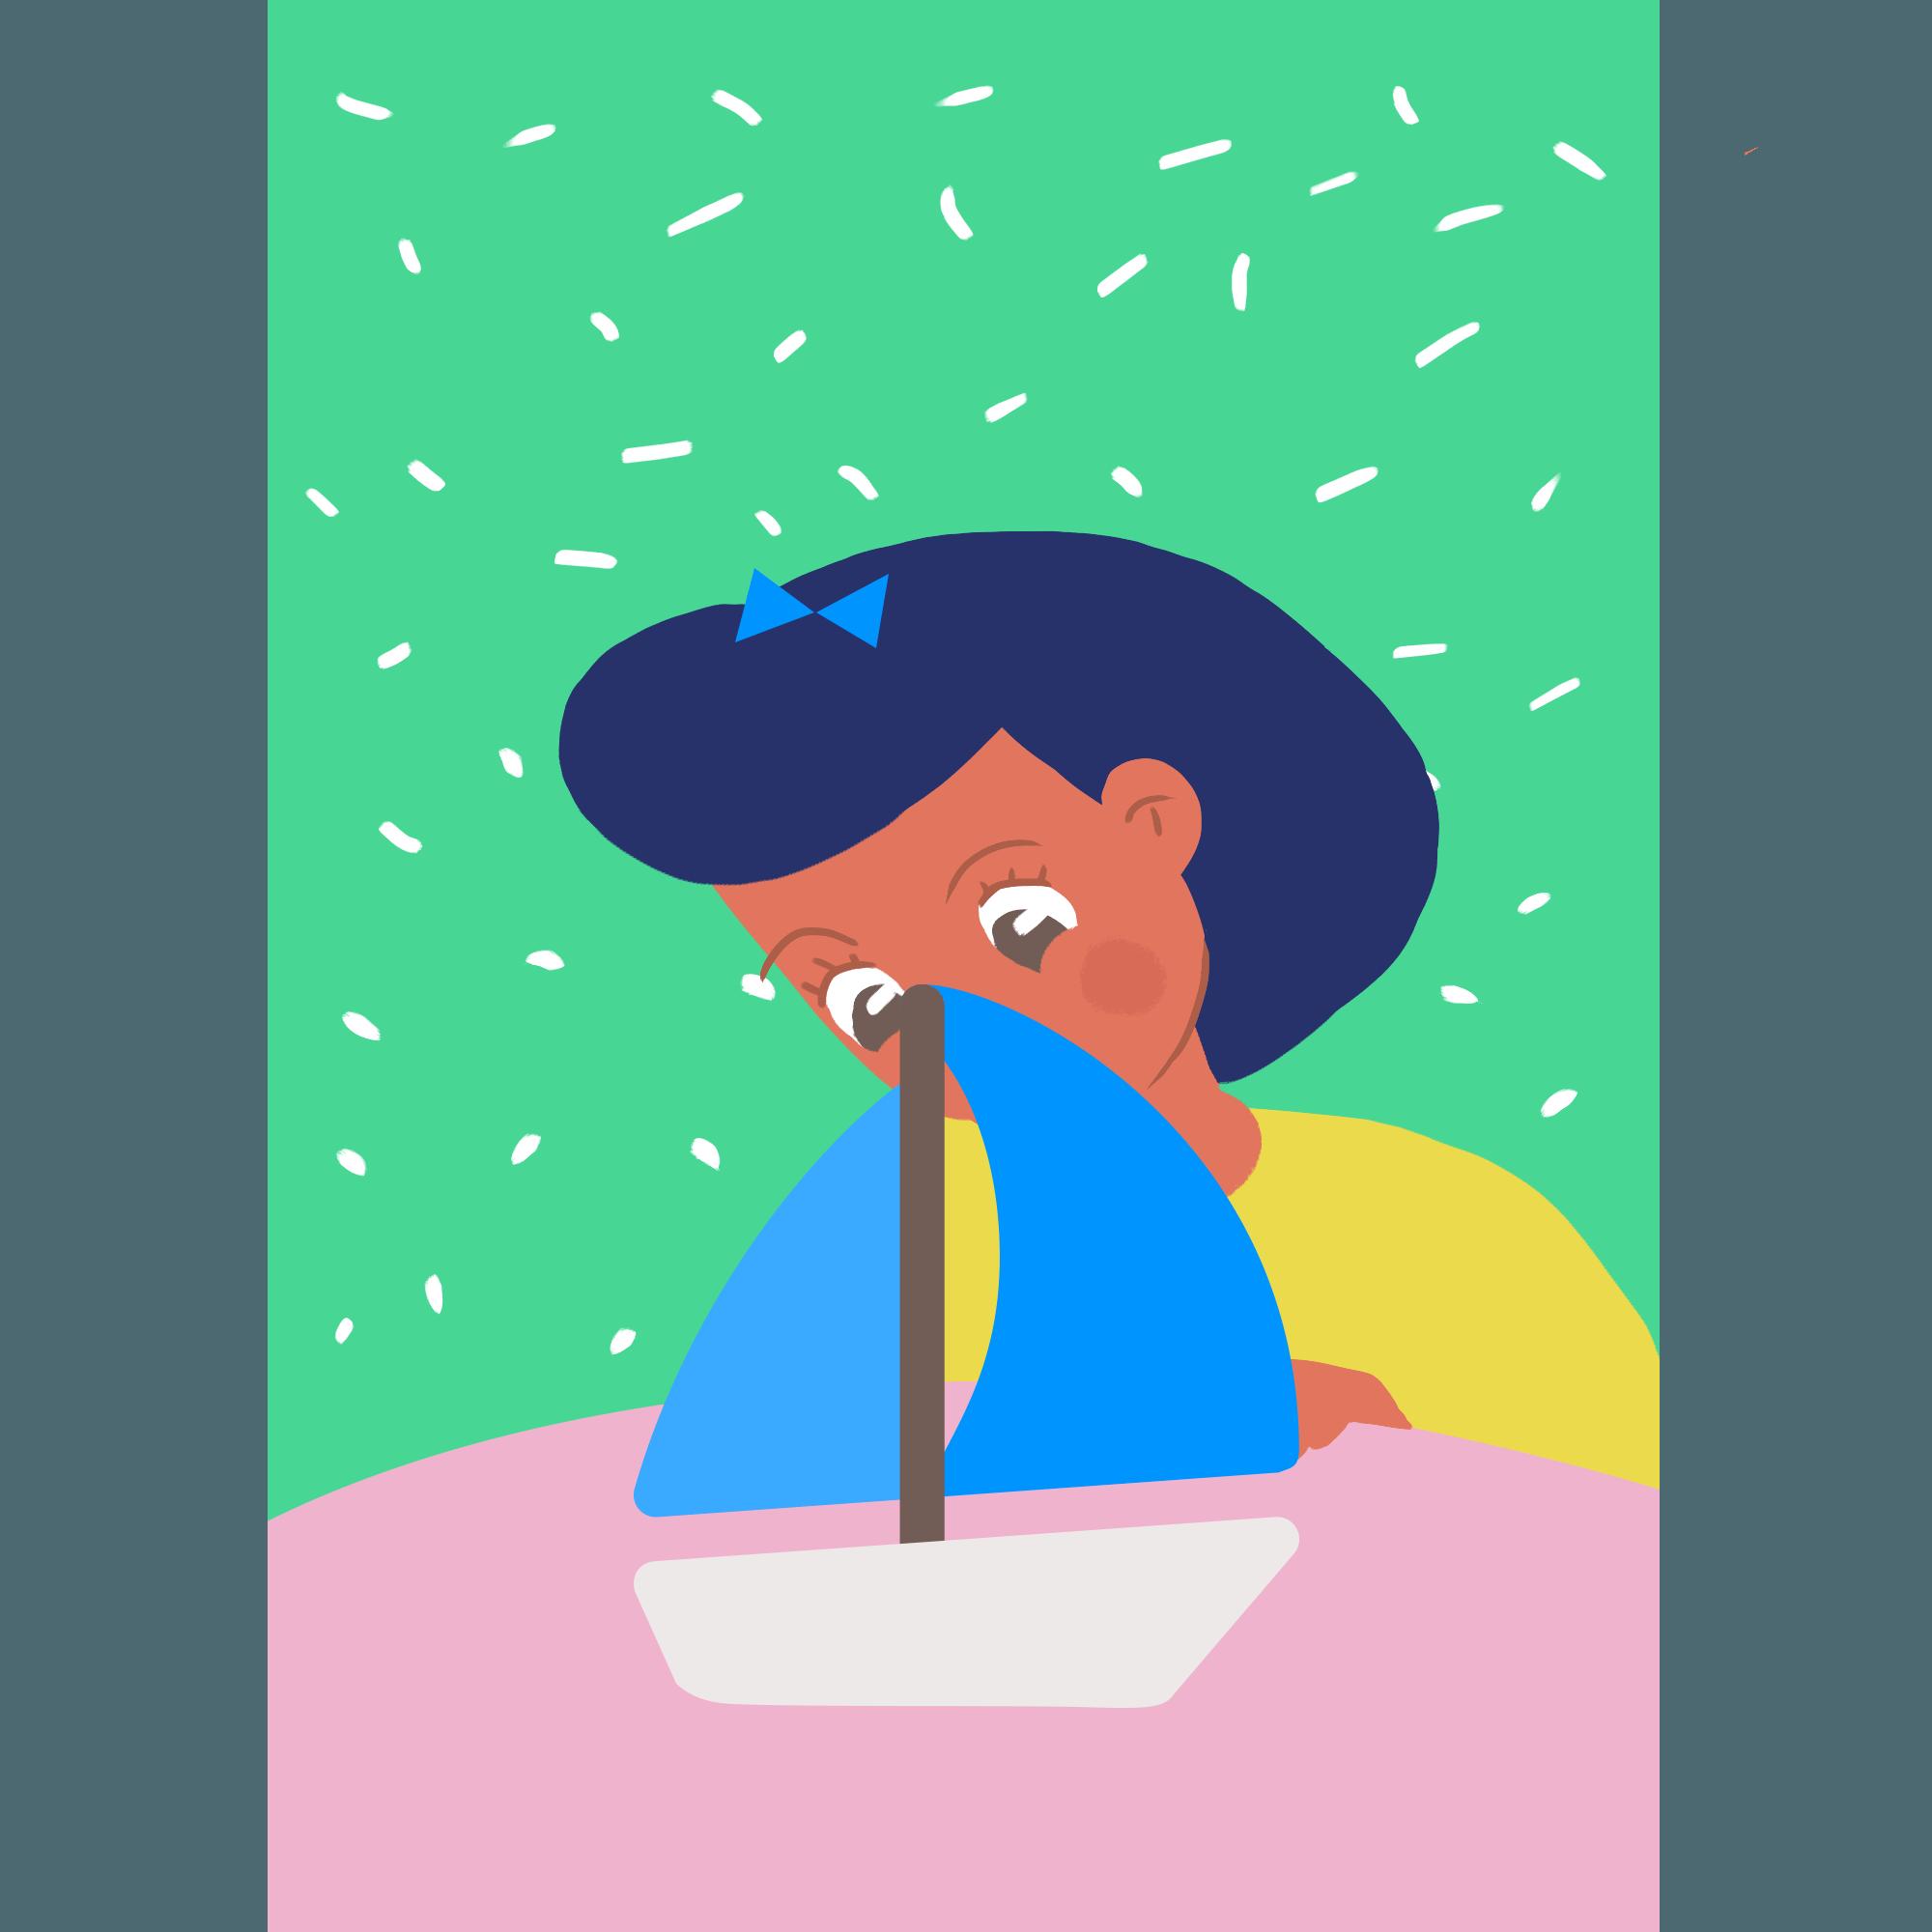 Les petits constructeurs de bateaux